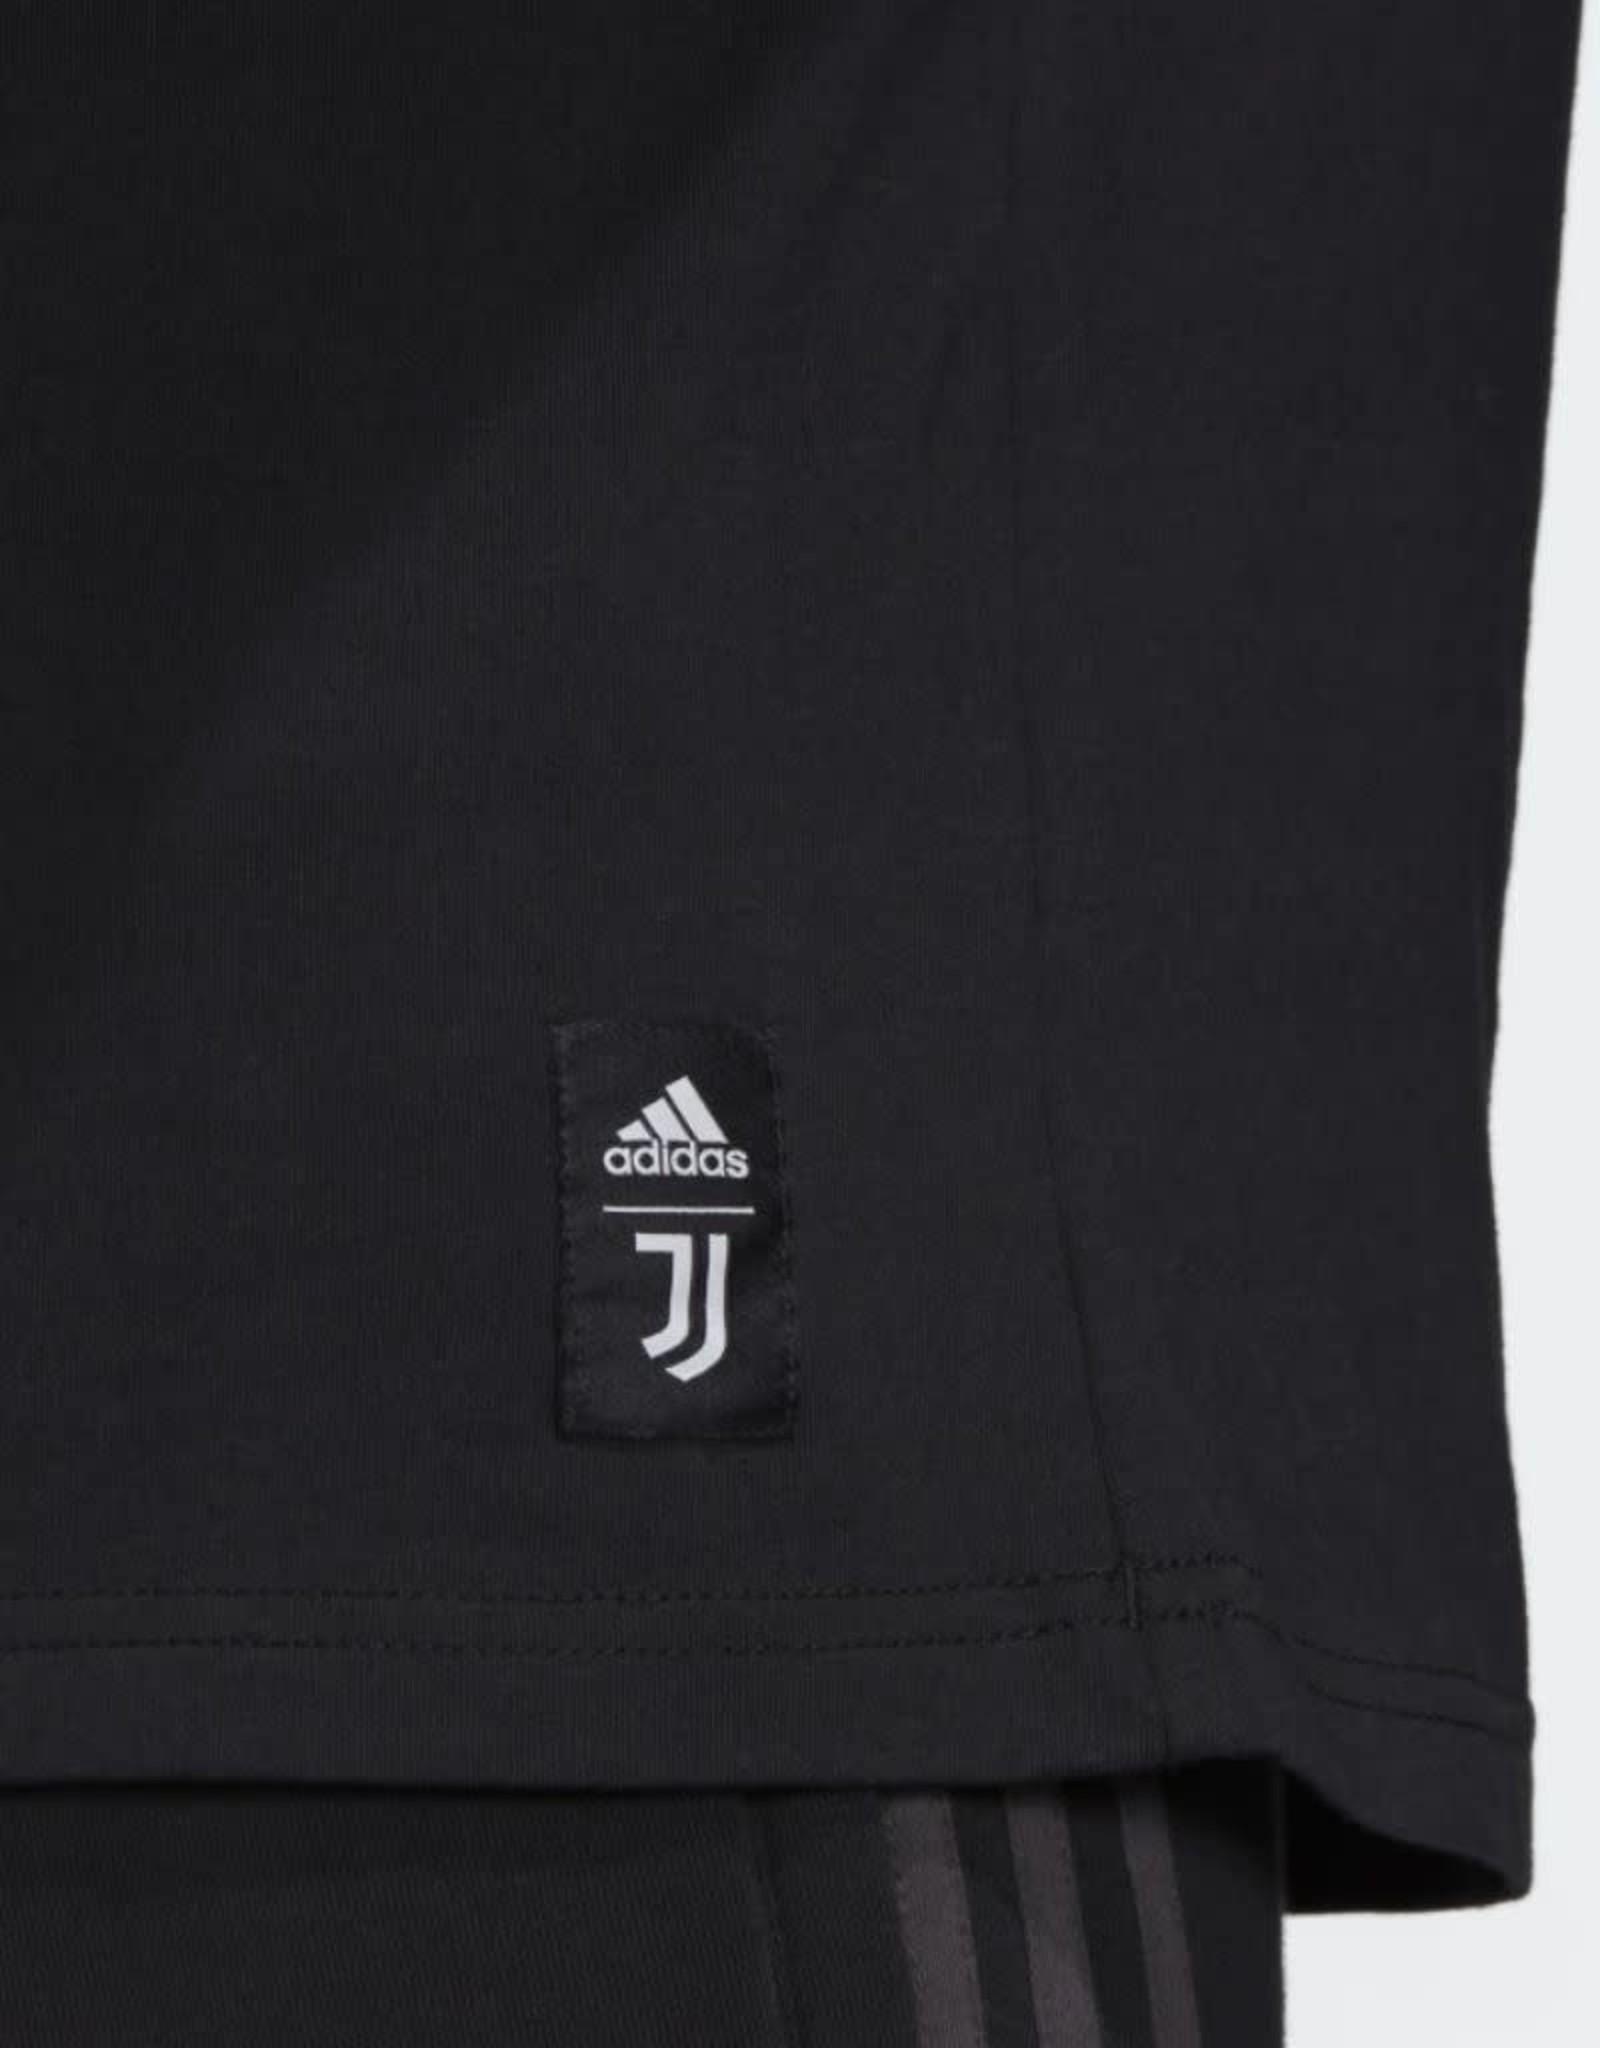 Adidas Adidas Men's DNA Logo Graphic T-Shirt Juventus Black